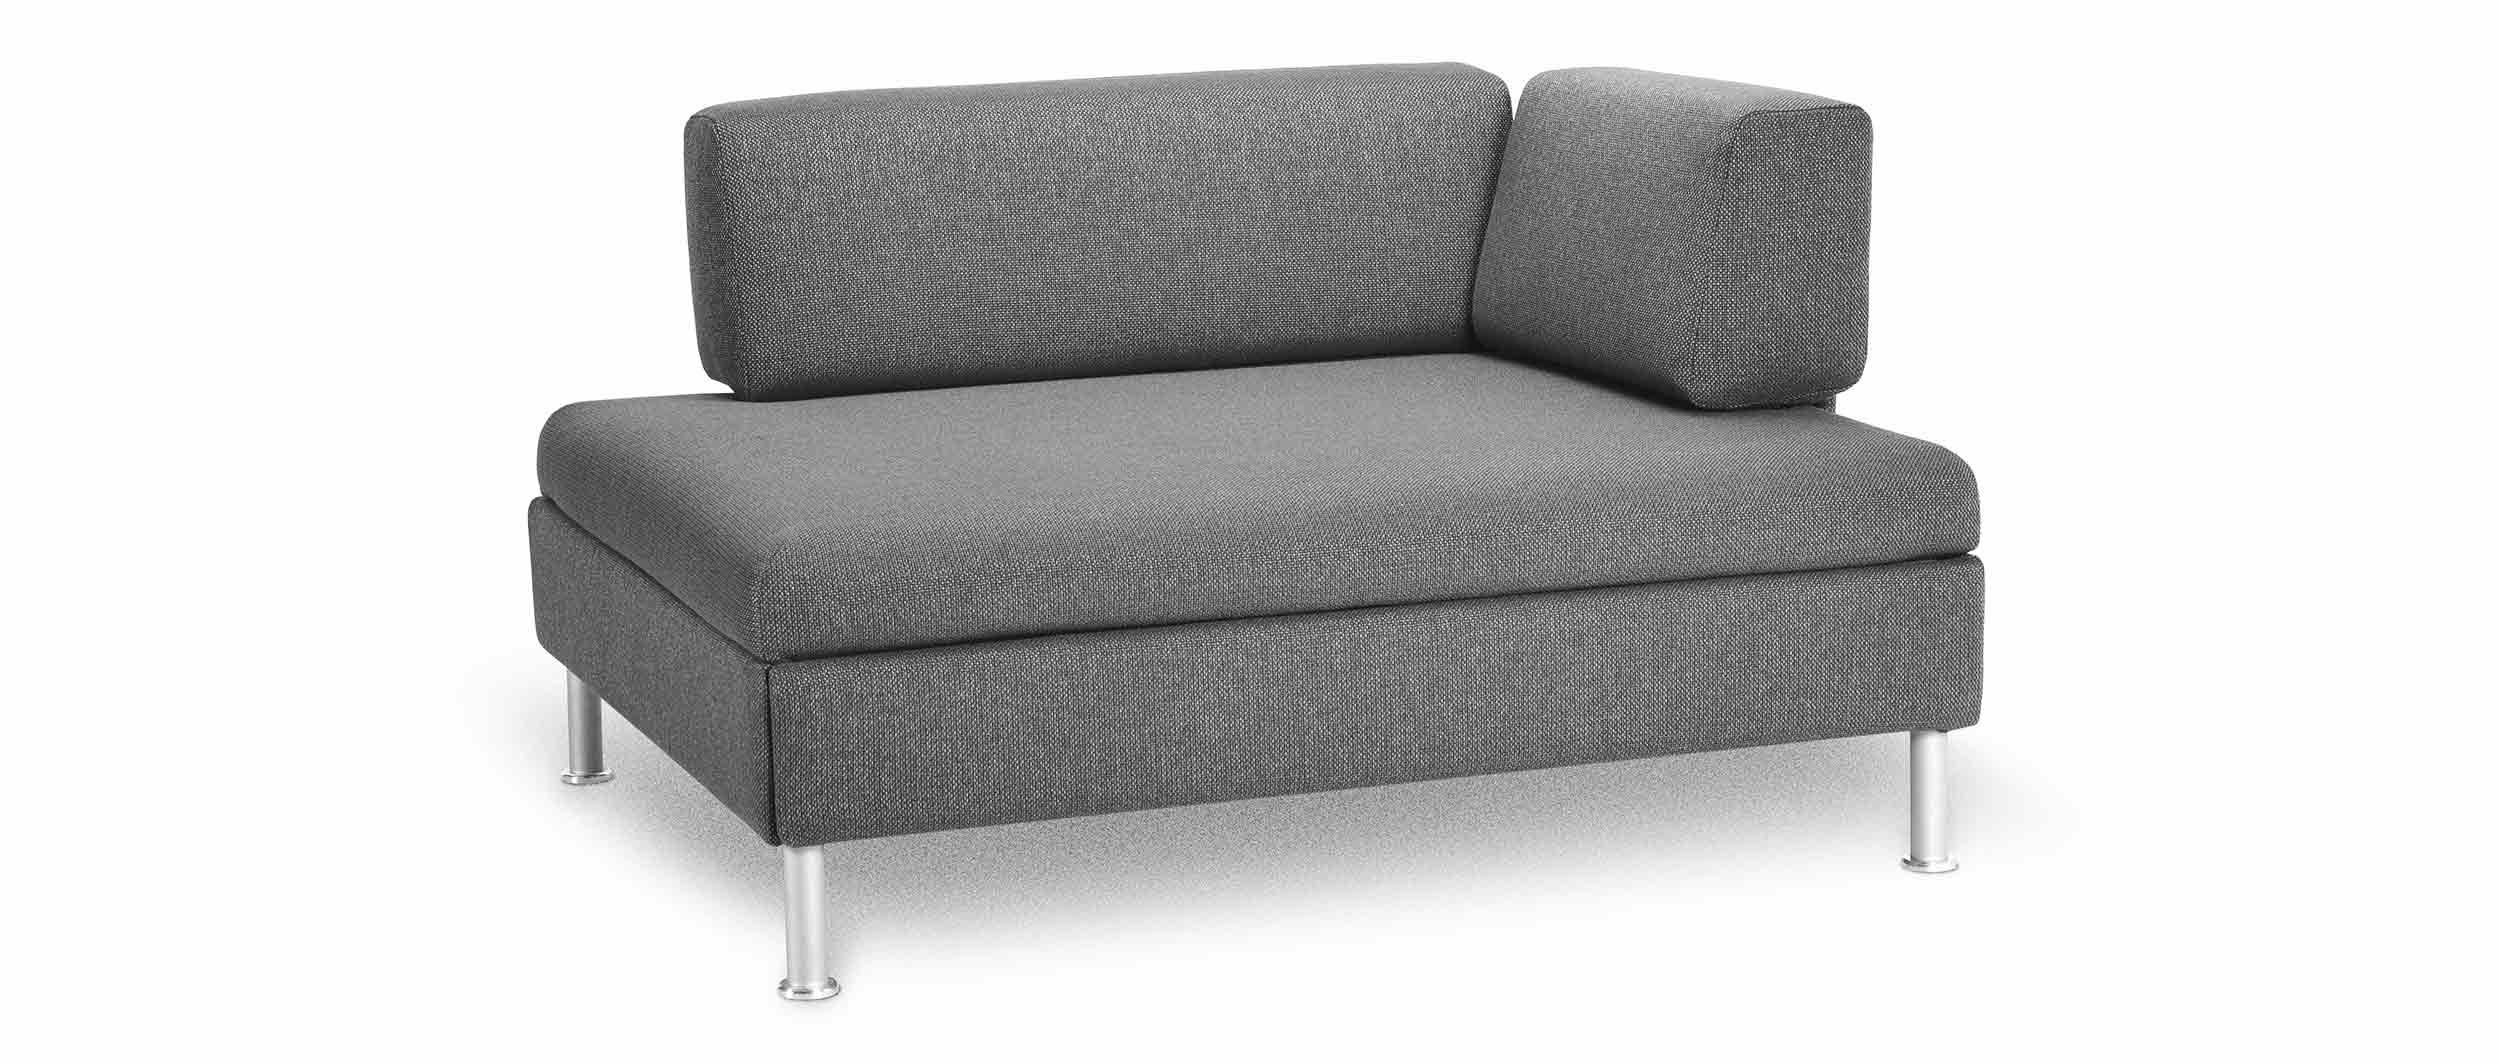 kleines schlafsofa duetto mit lattenrost von swiss plus. Black Bedroom Furniture Sets. Home Design Ideas